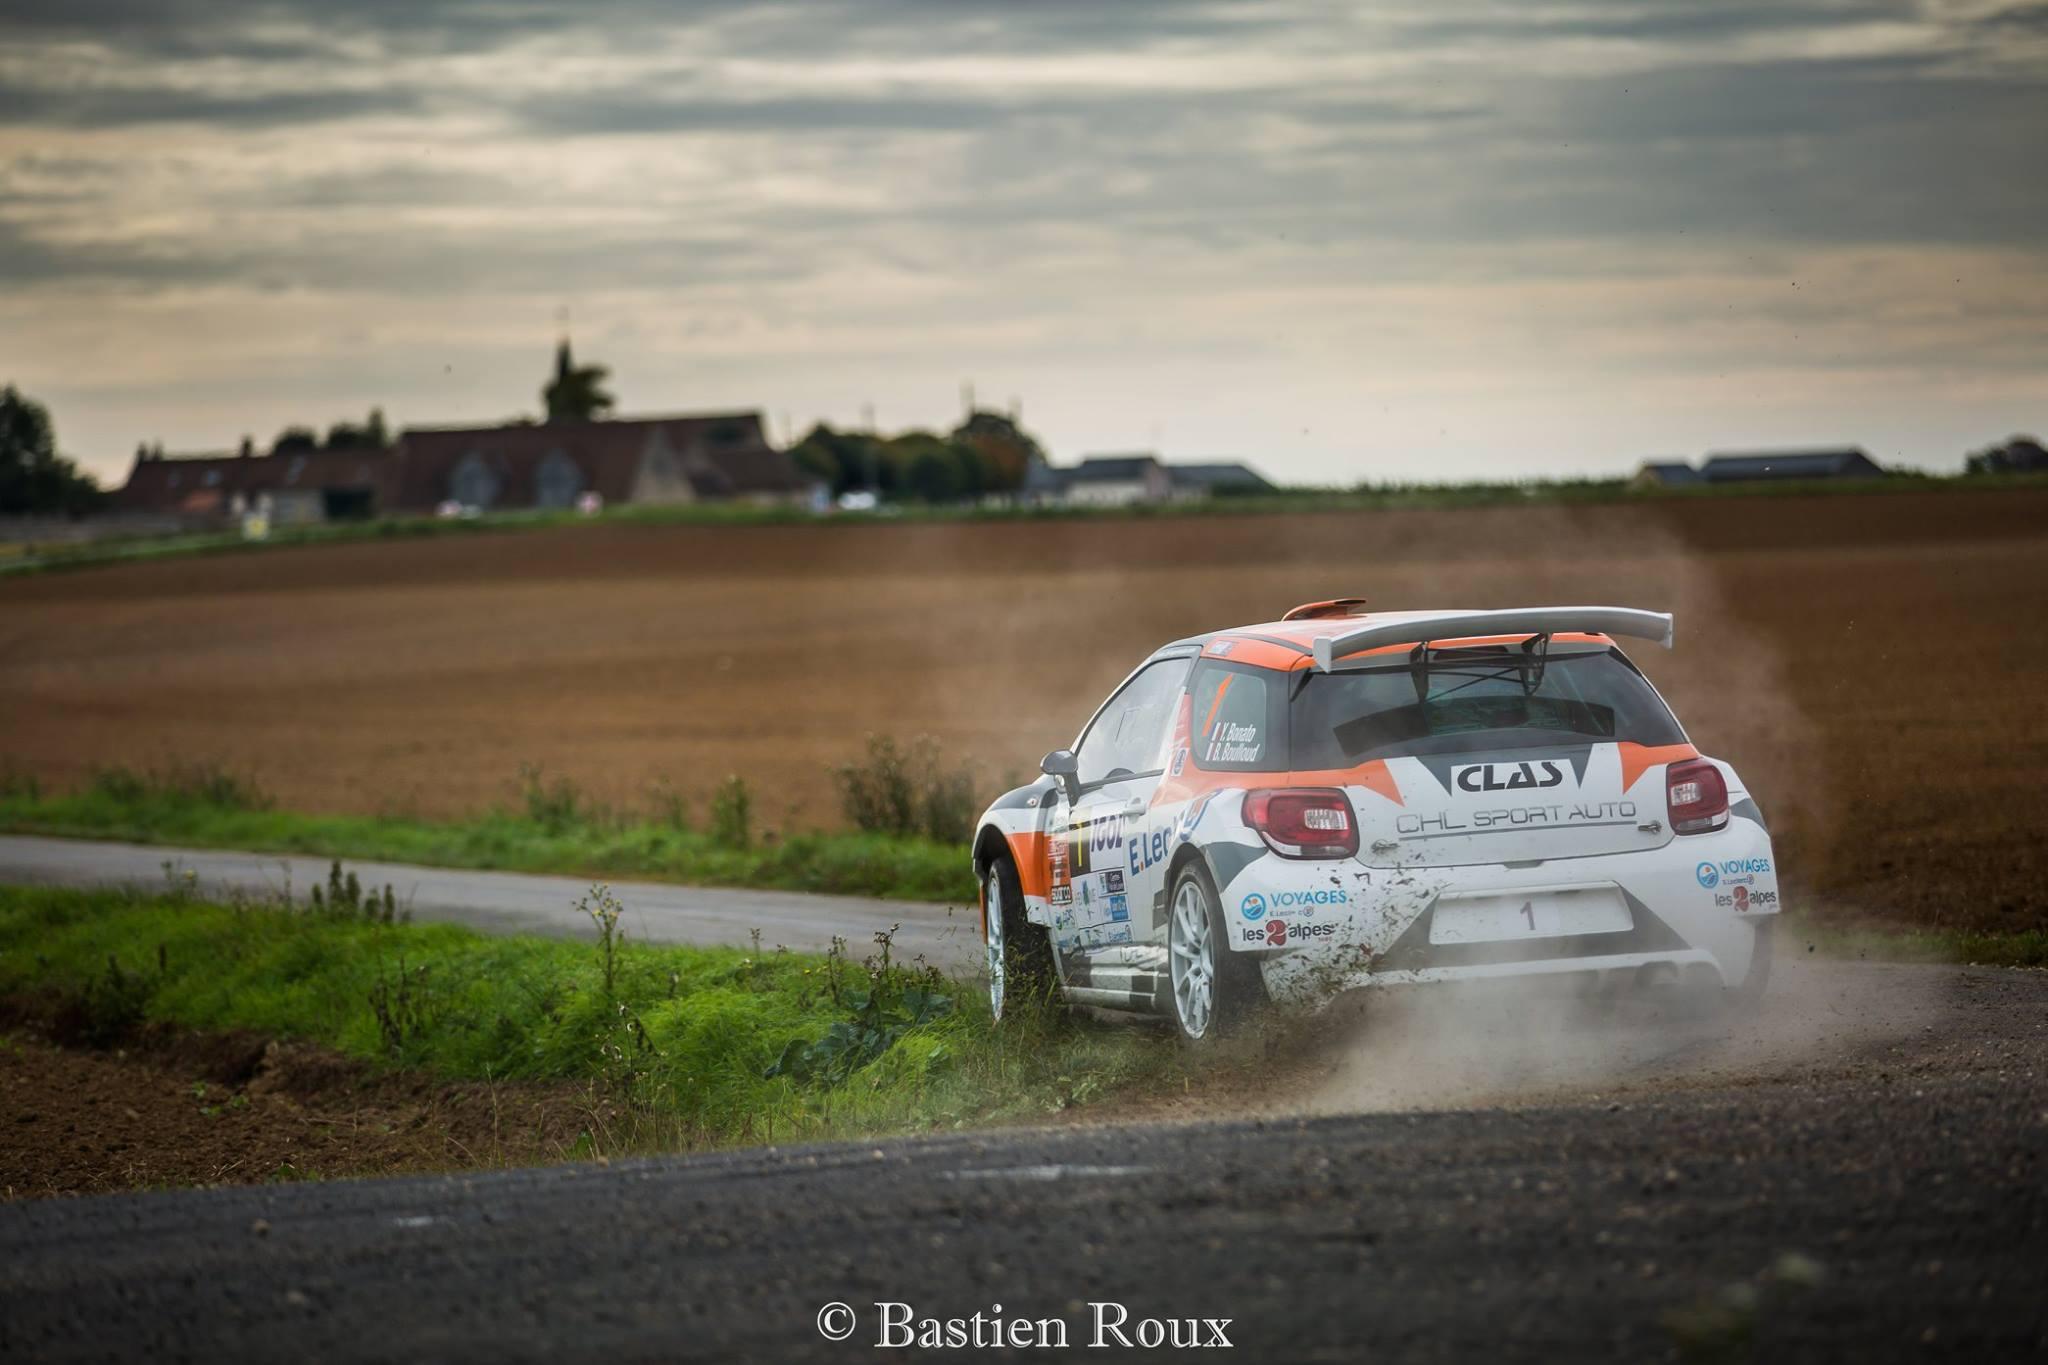 Rallye Coeur de France 2017 Bonato